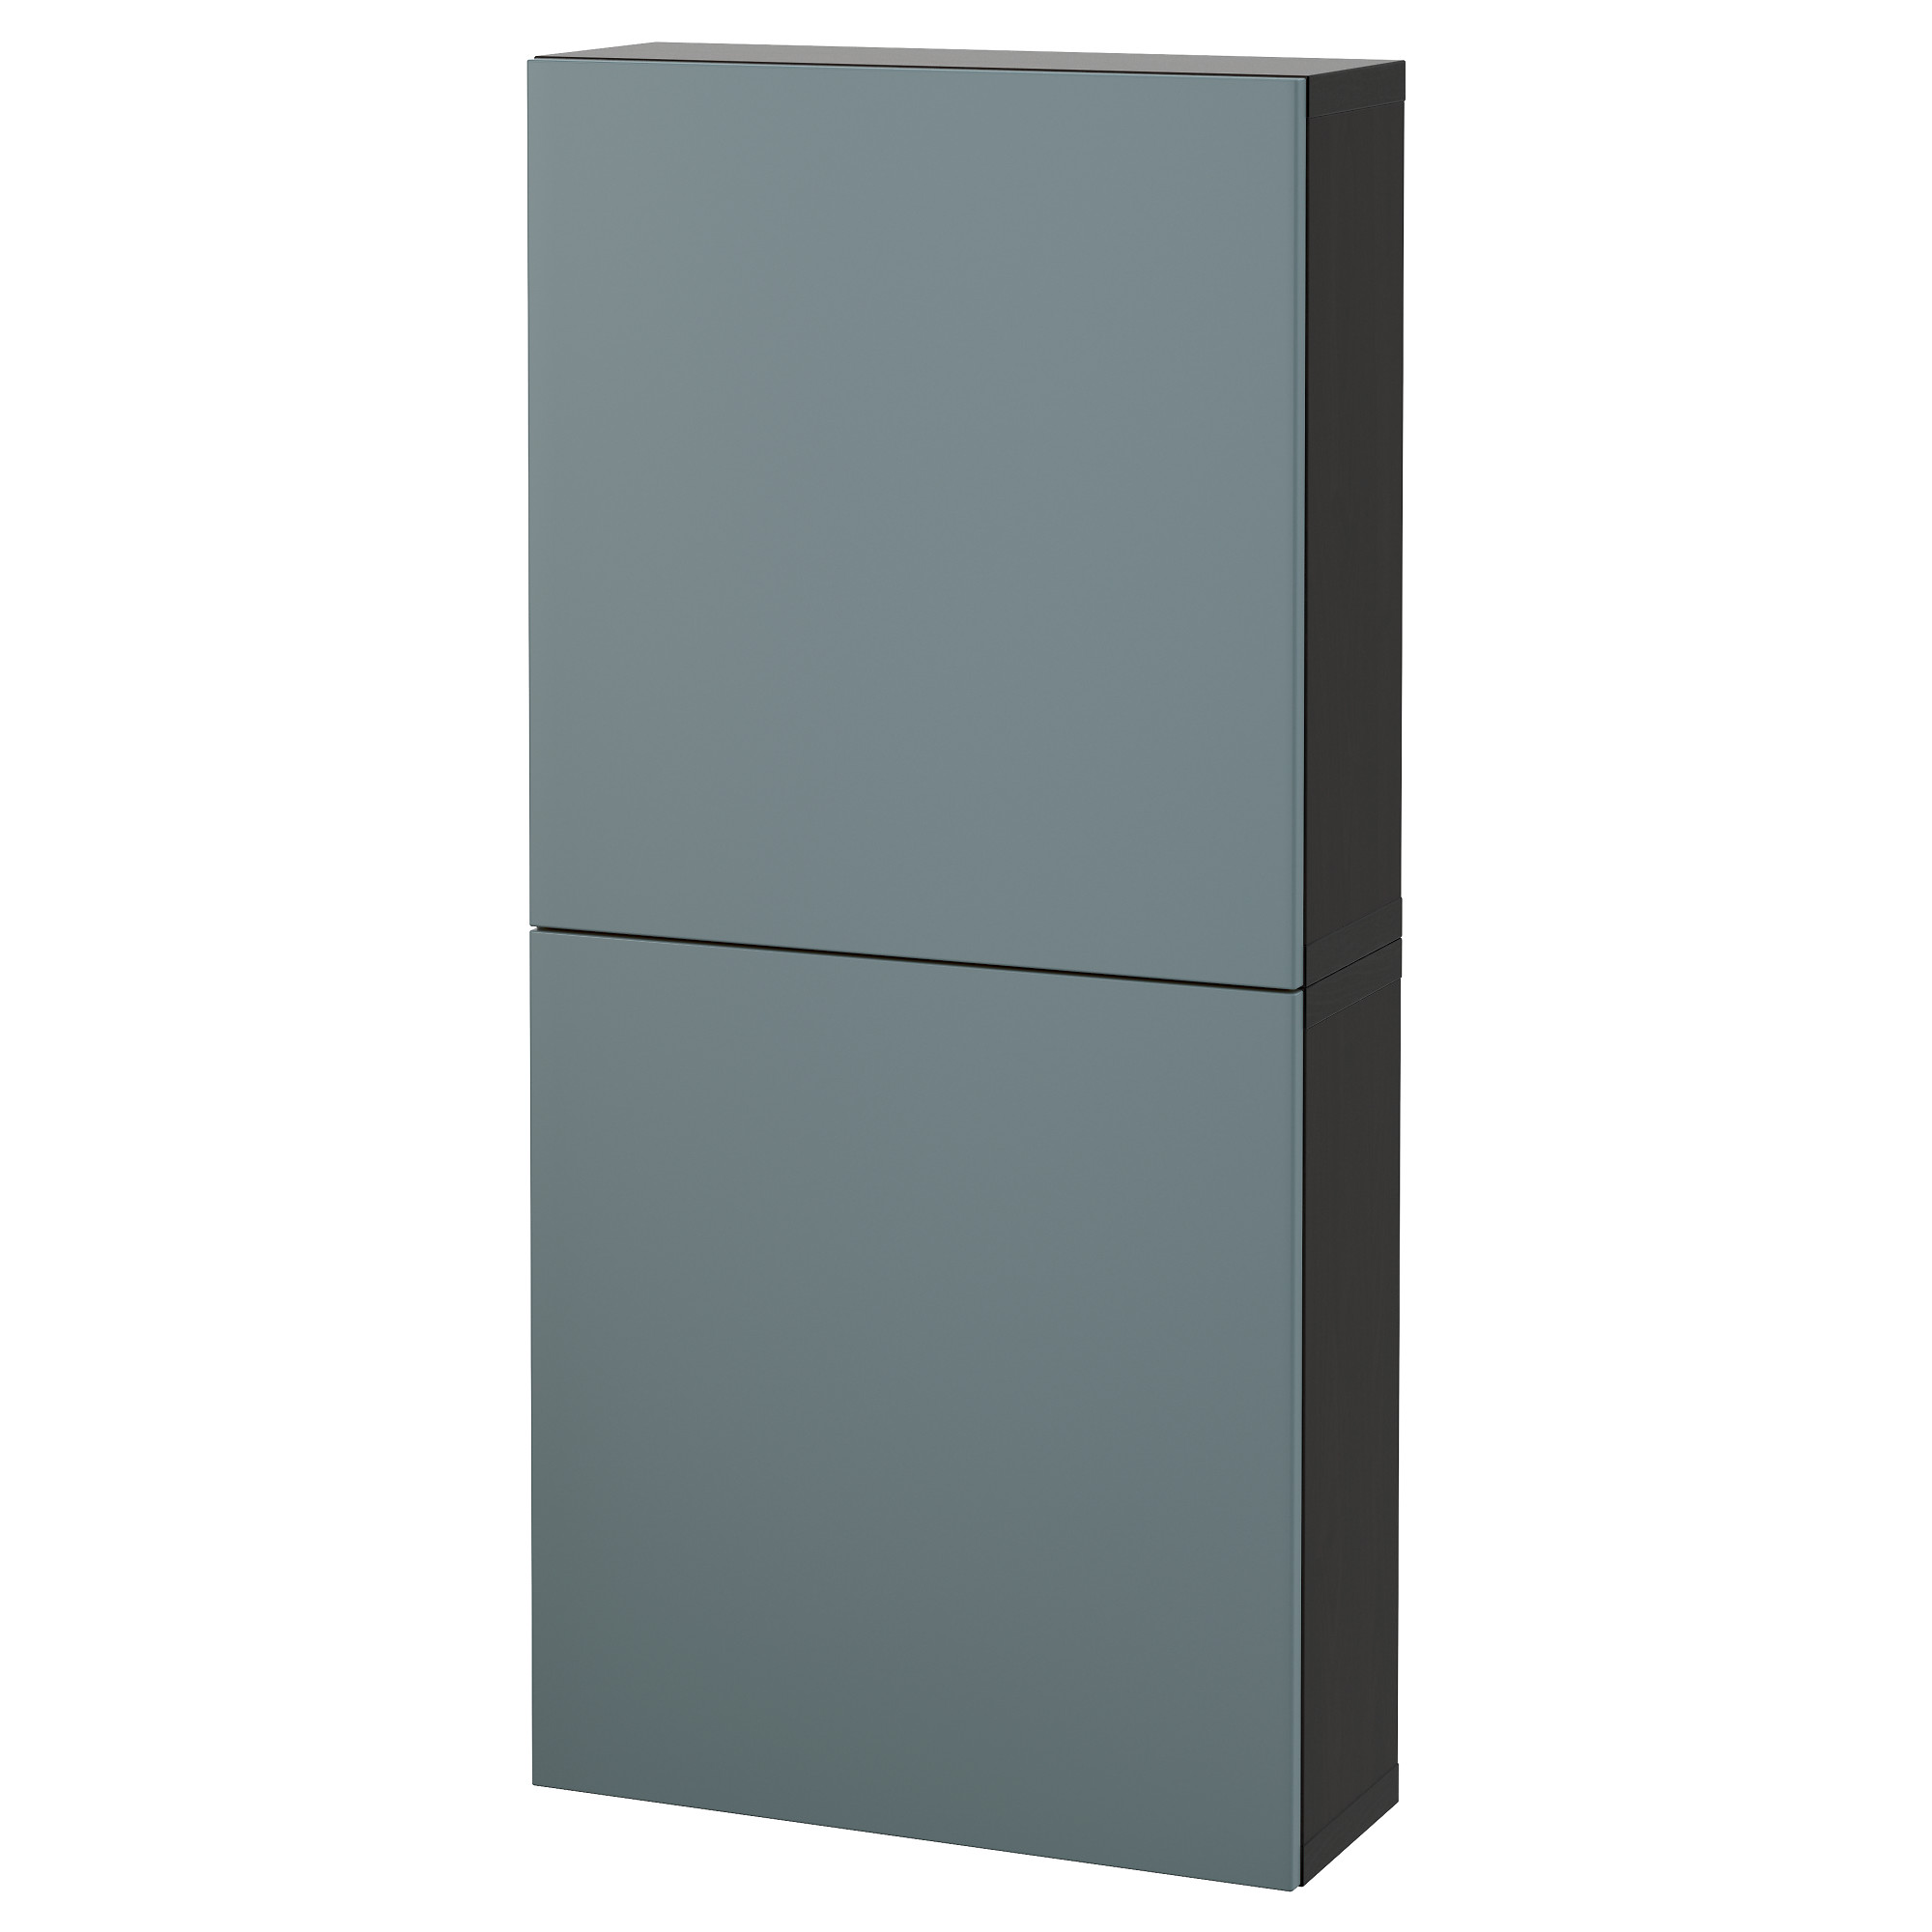 Навесной шкаф с 2 дверями БЕСТО артикуль № 692.482.68 в наличии. Интернет каталог IKEA Беларусь. Недорогая доставка и монтаж.